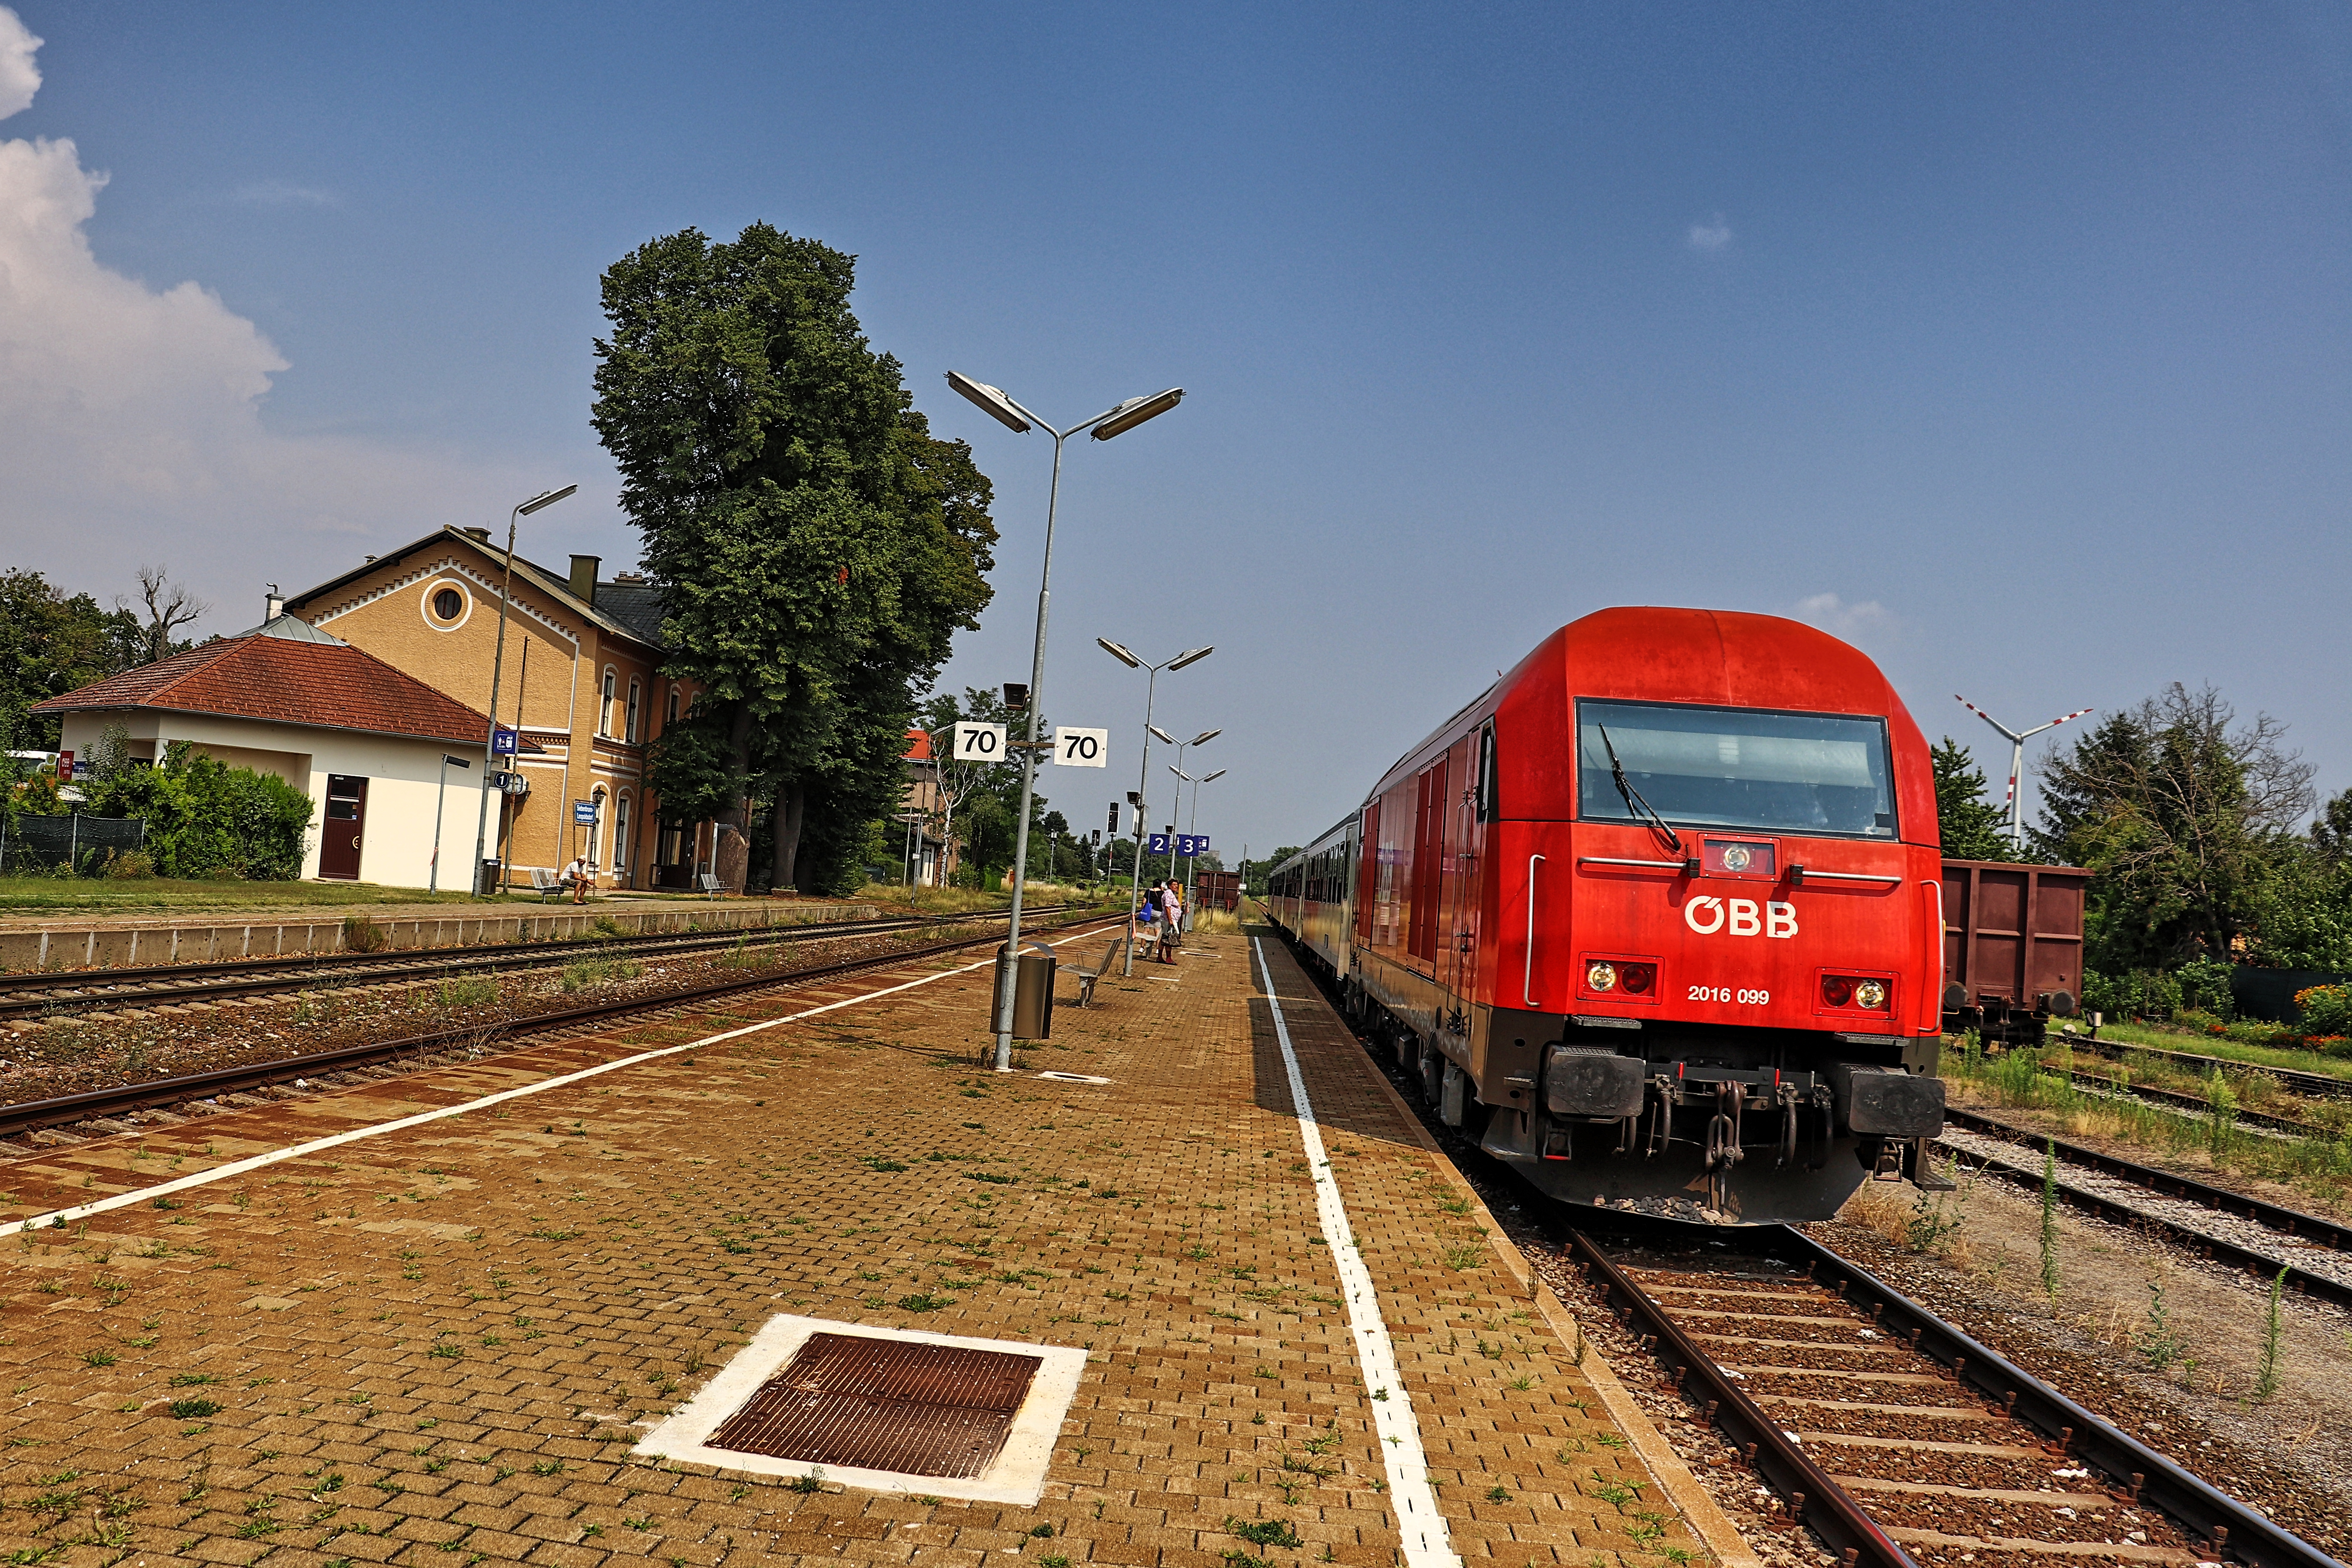 ÖBB 2016 im Bahnhof Siebenbrunn-Leopoldsdorf